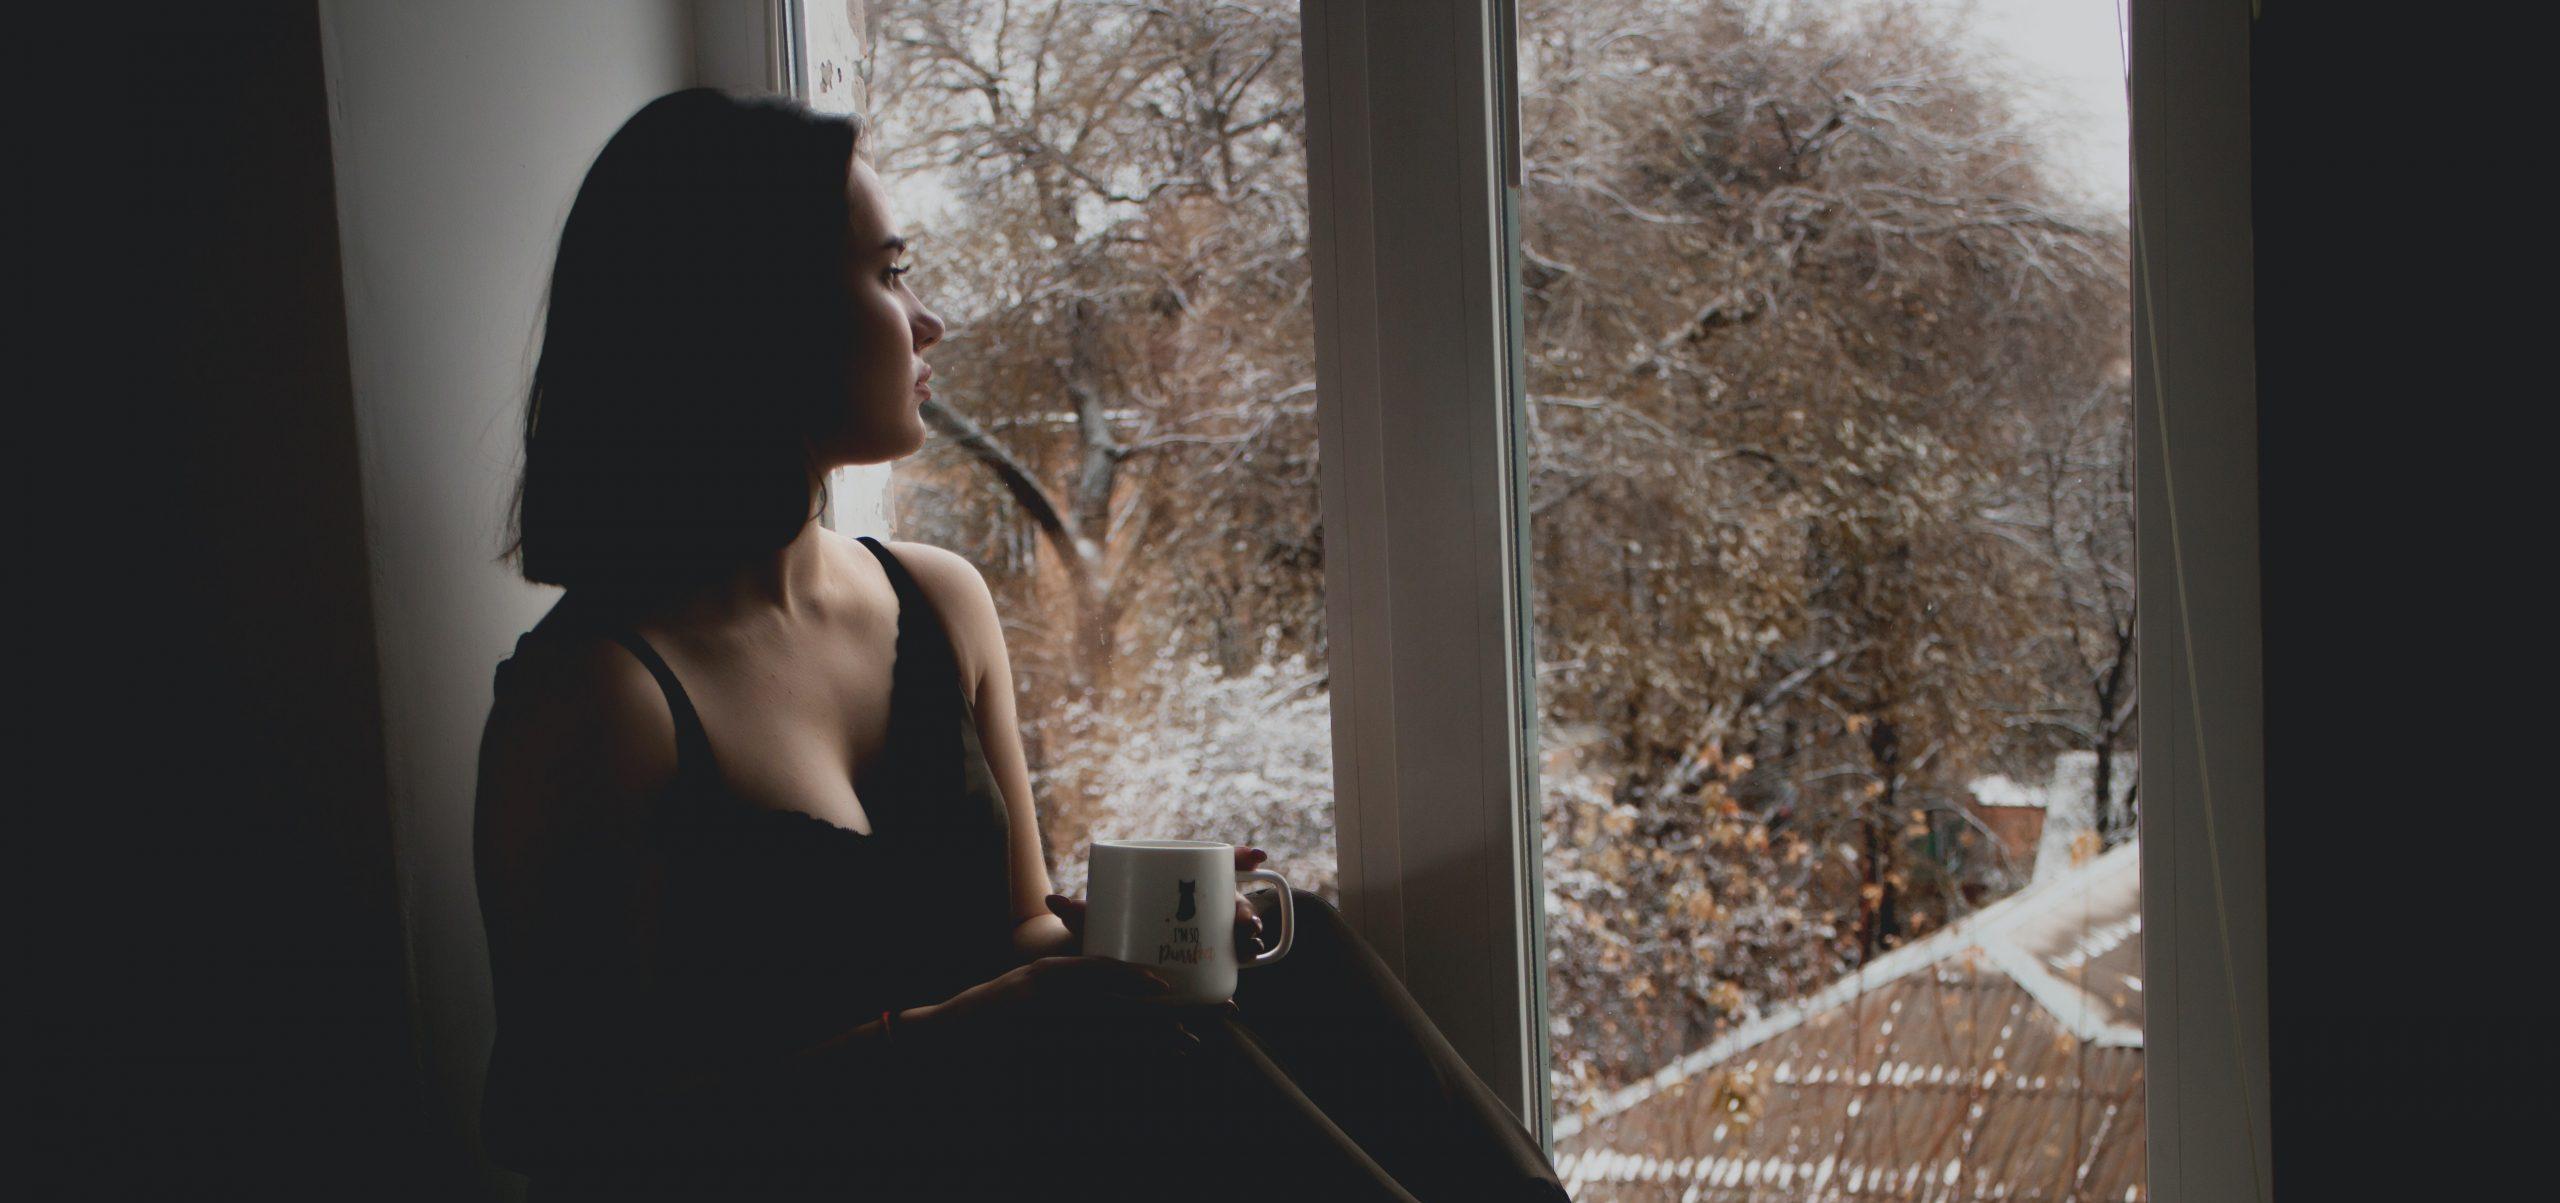 Megerősödtél a szerelmemtől – most kisétálsz az ajtón…